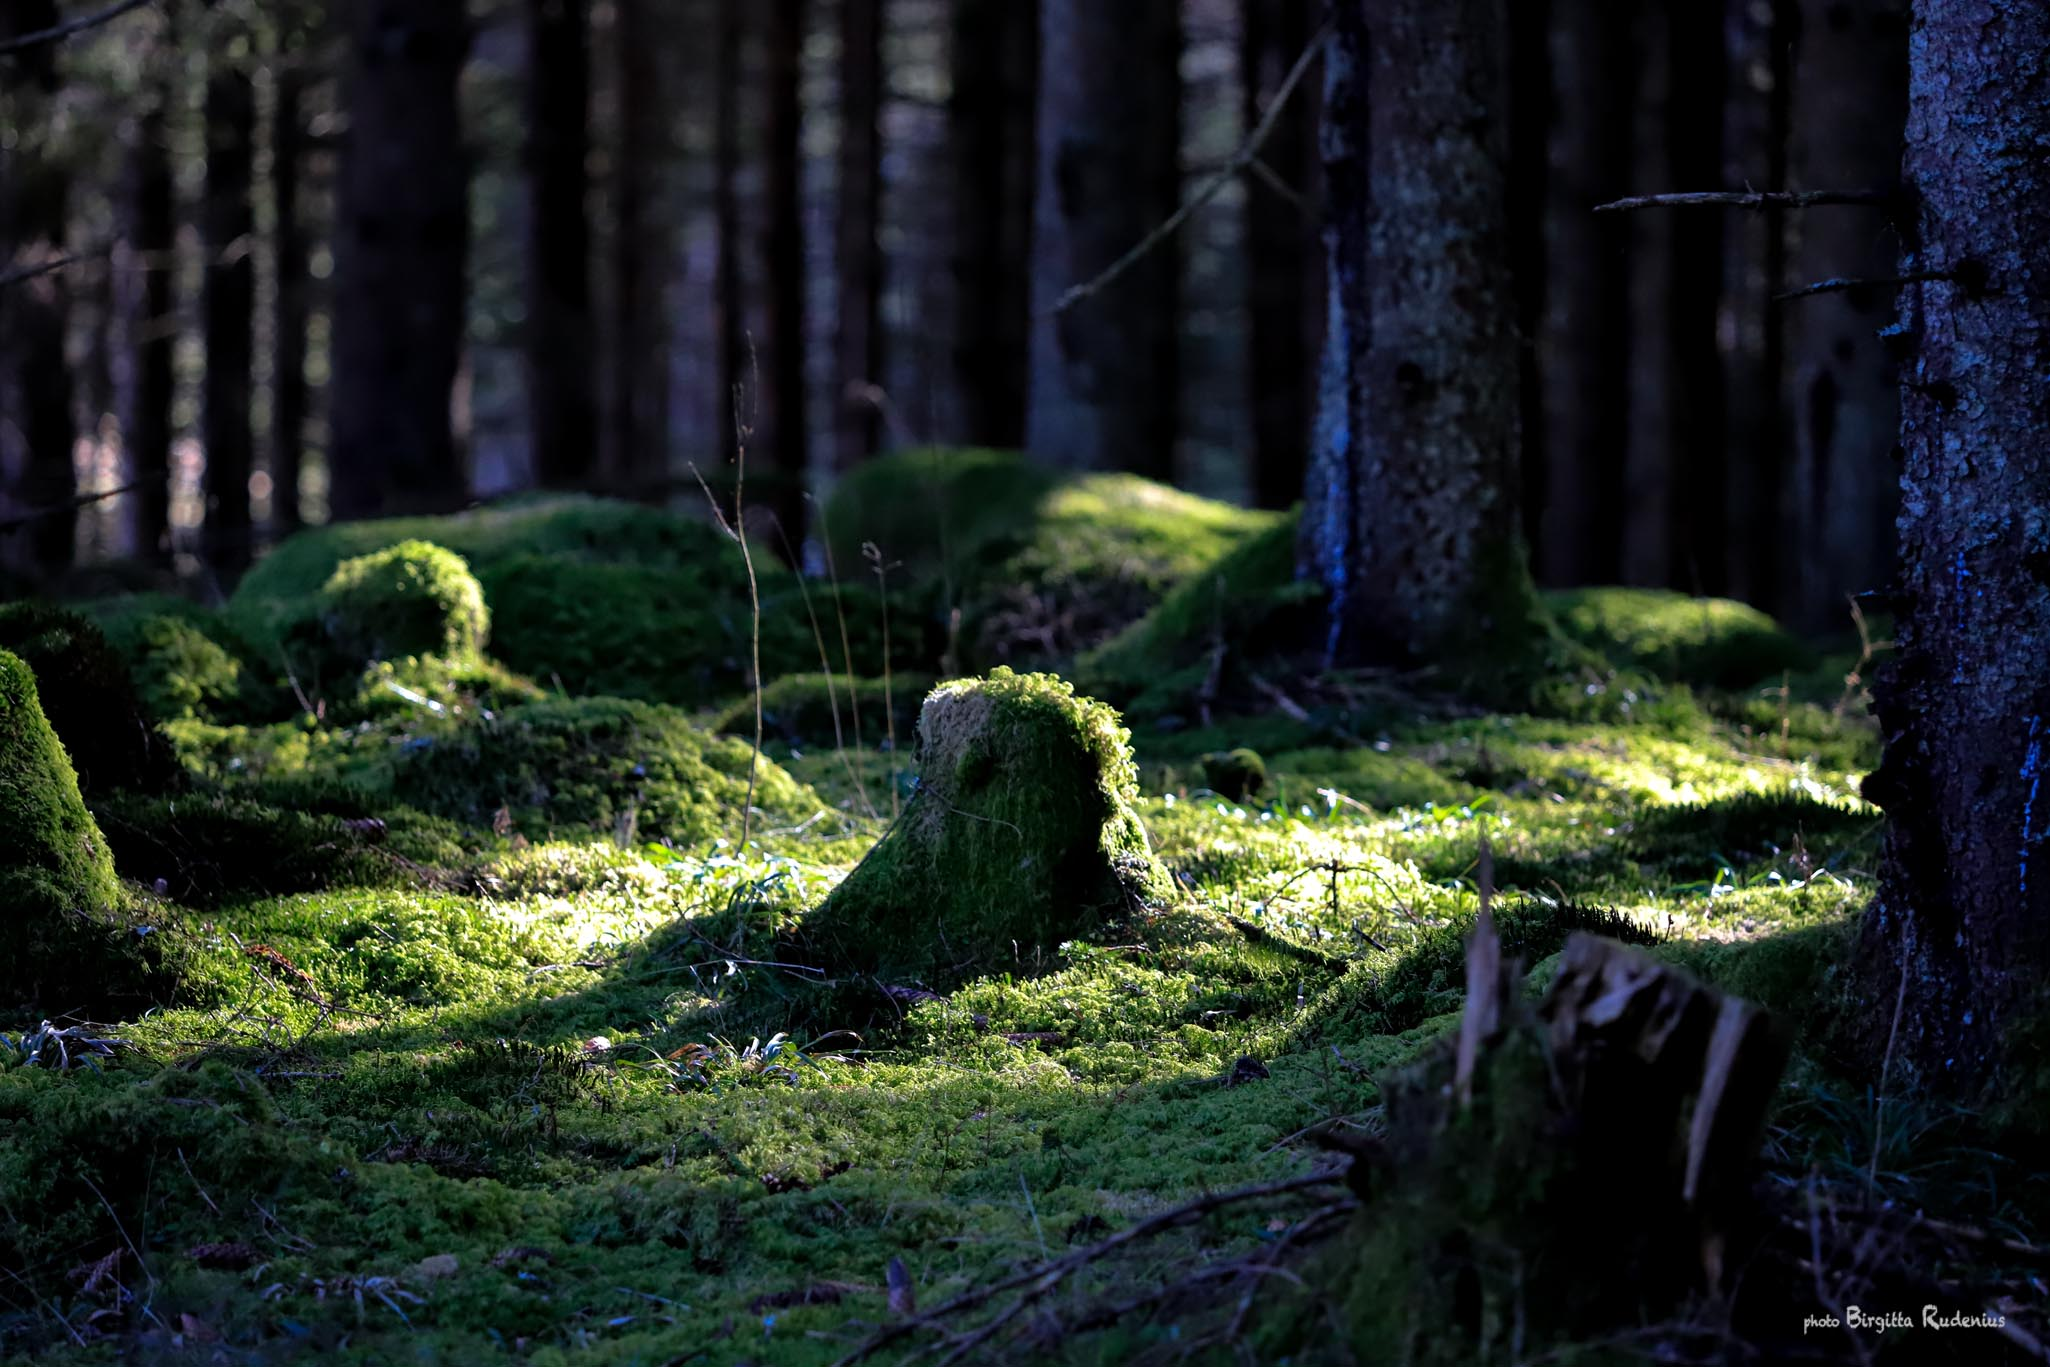 Photo © Birgitta Rudenius